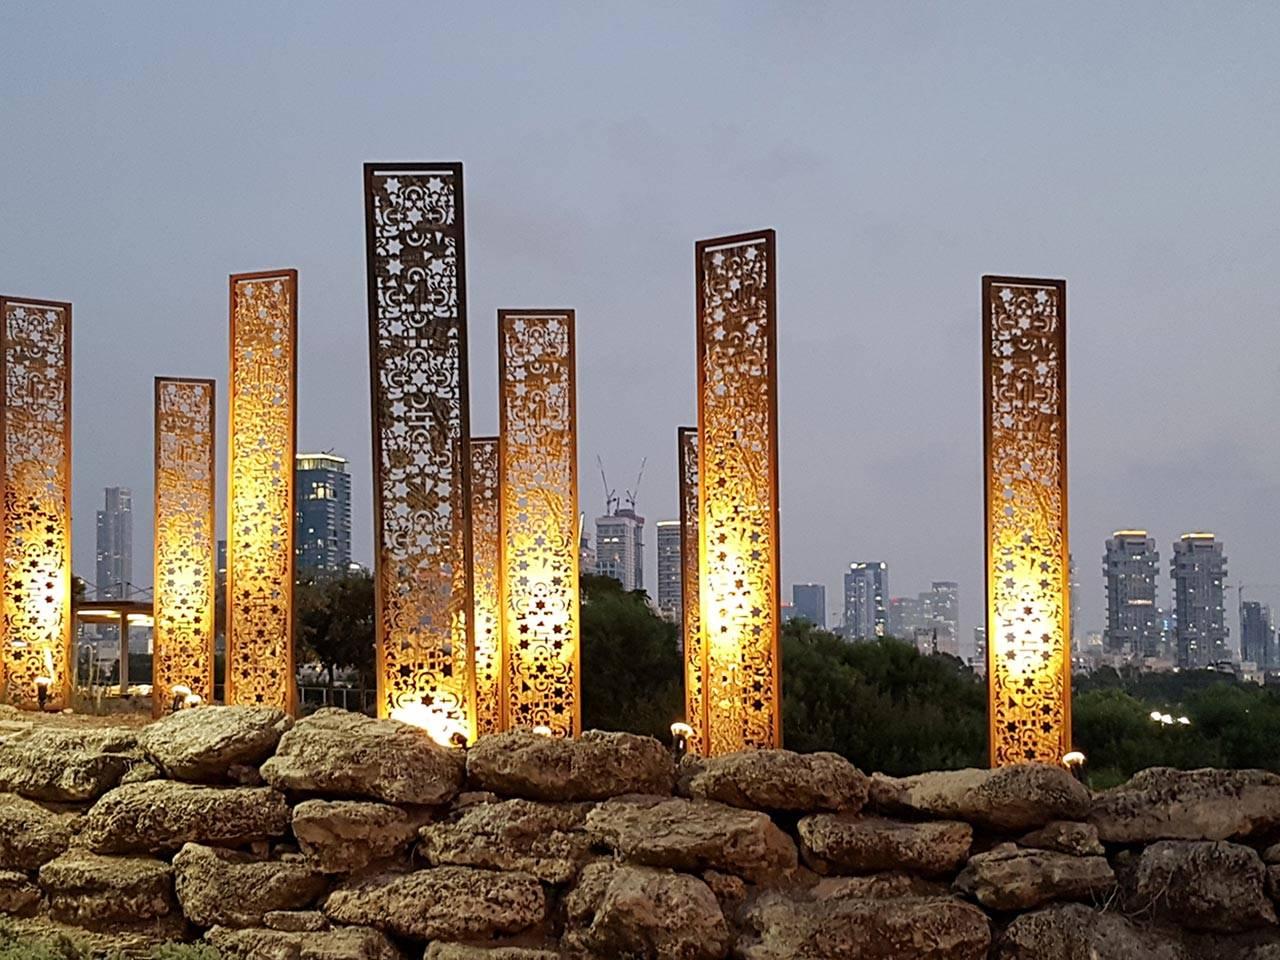 אבנר שר, הביאנלה במוזיאון ארץ ישראל